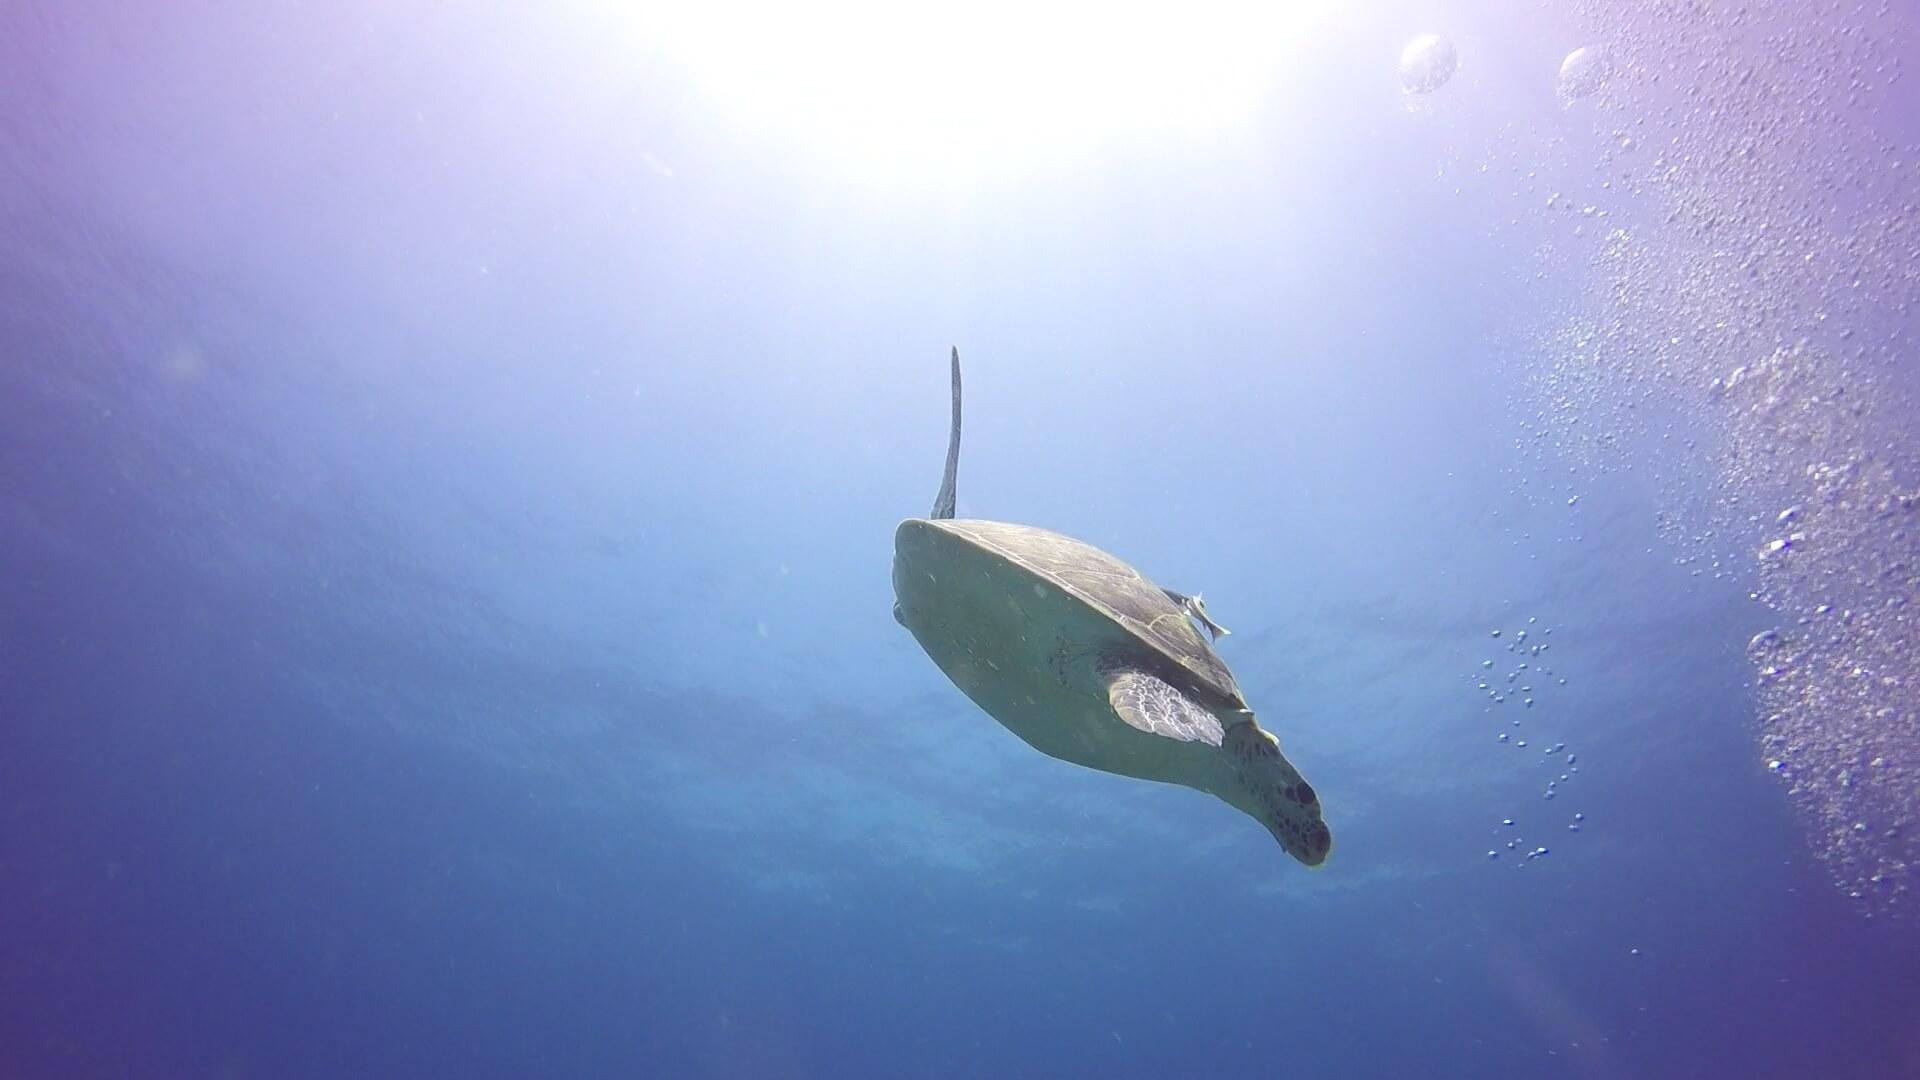 アオウミガメと水面の太陽の写真